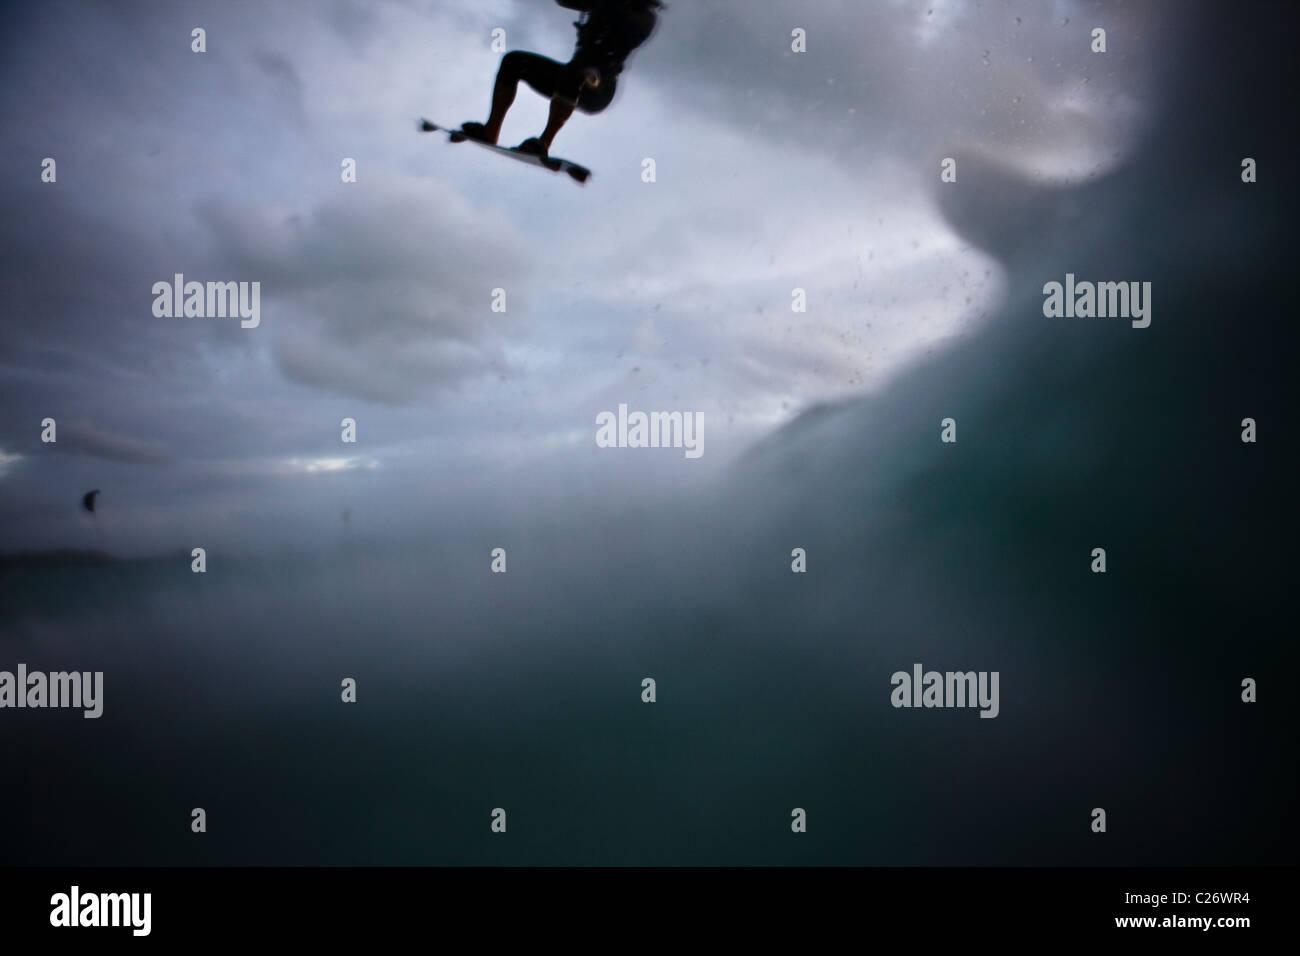 Kiteboarding Waimanalo @ Sunrise, female, Nina, airborne, airtime, jumping - Stock Image